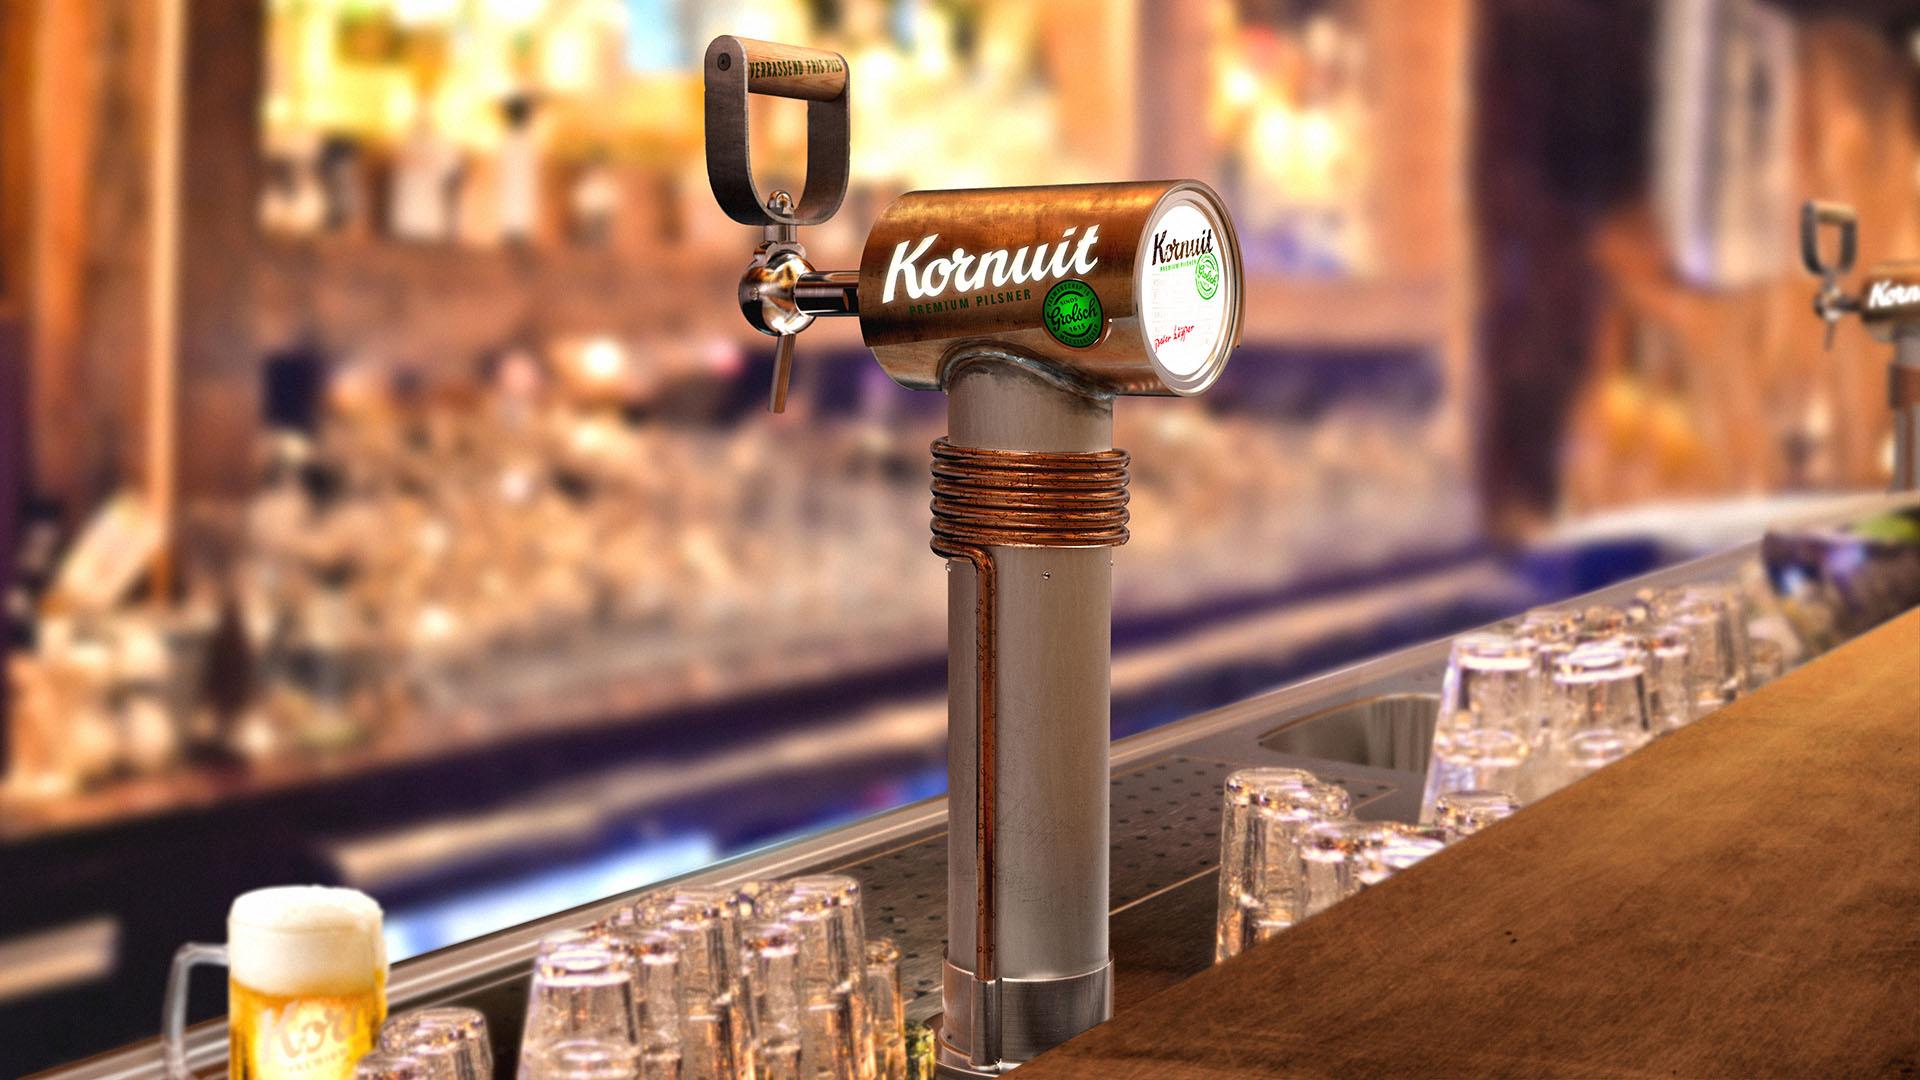 Kornuit Beer Tower Design